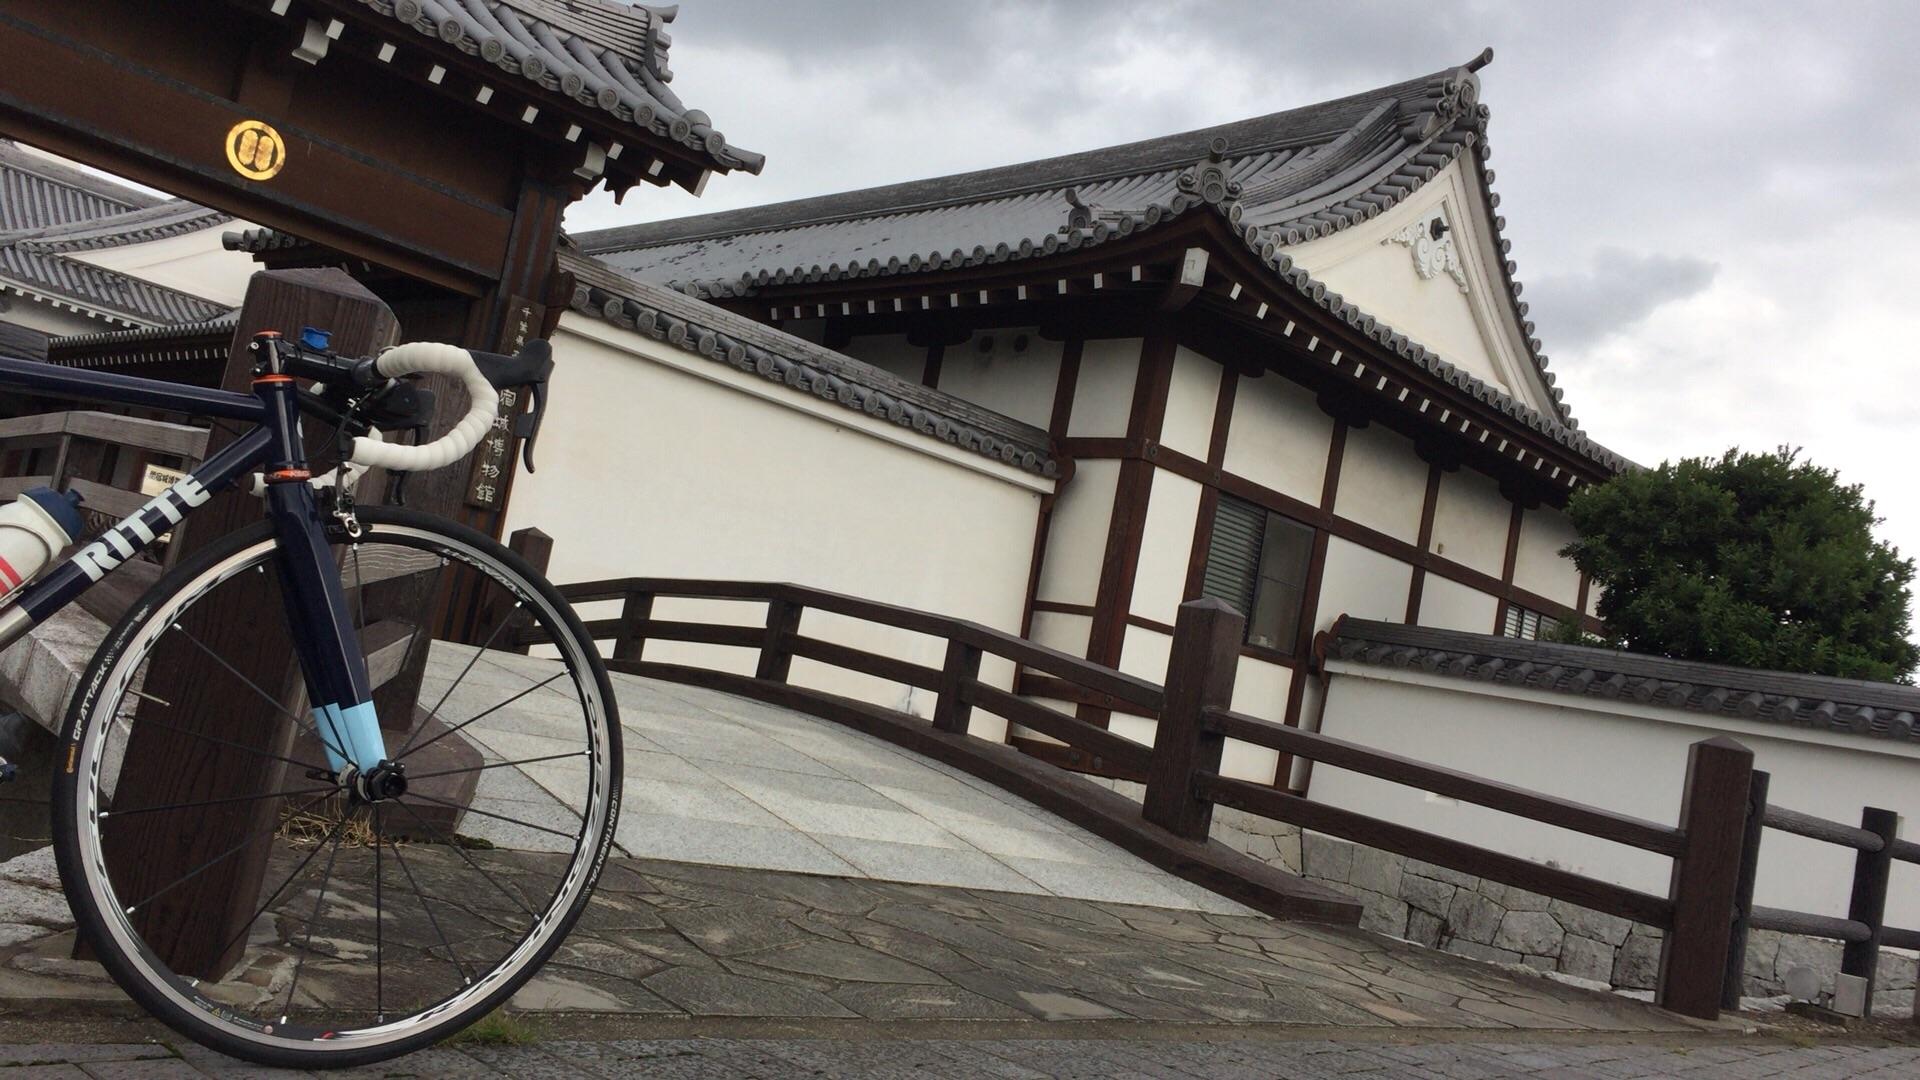 f:id:mfj_maap_jp:20180914002135j:image